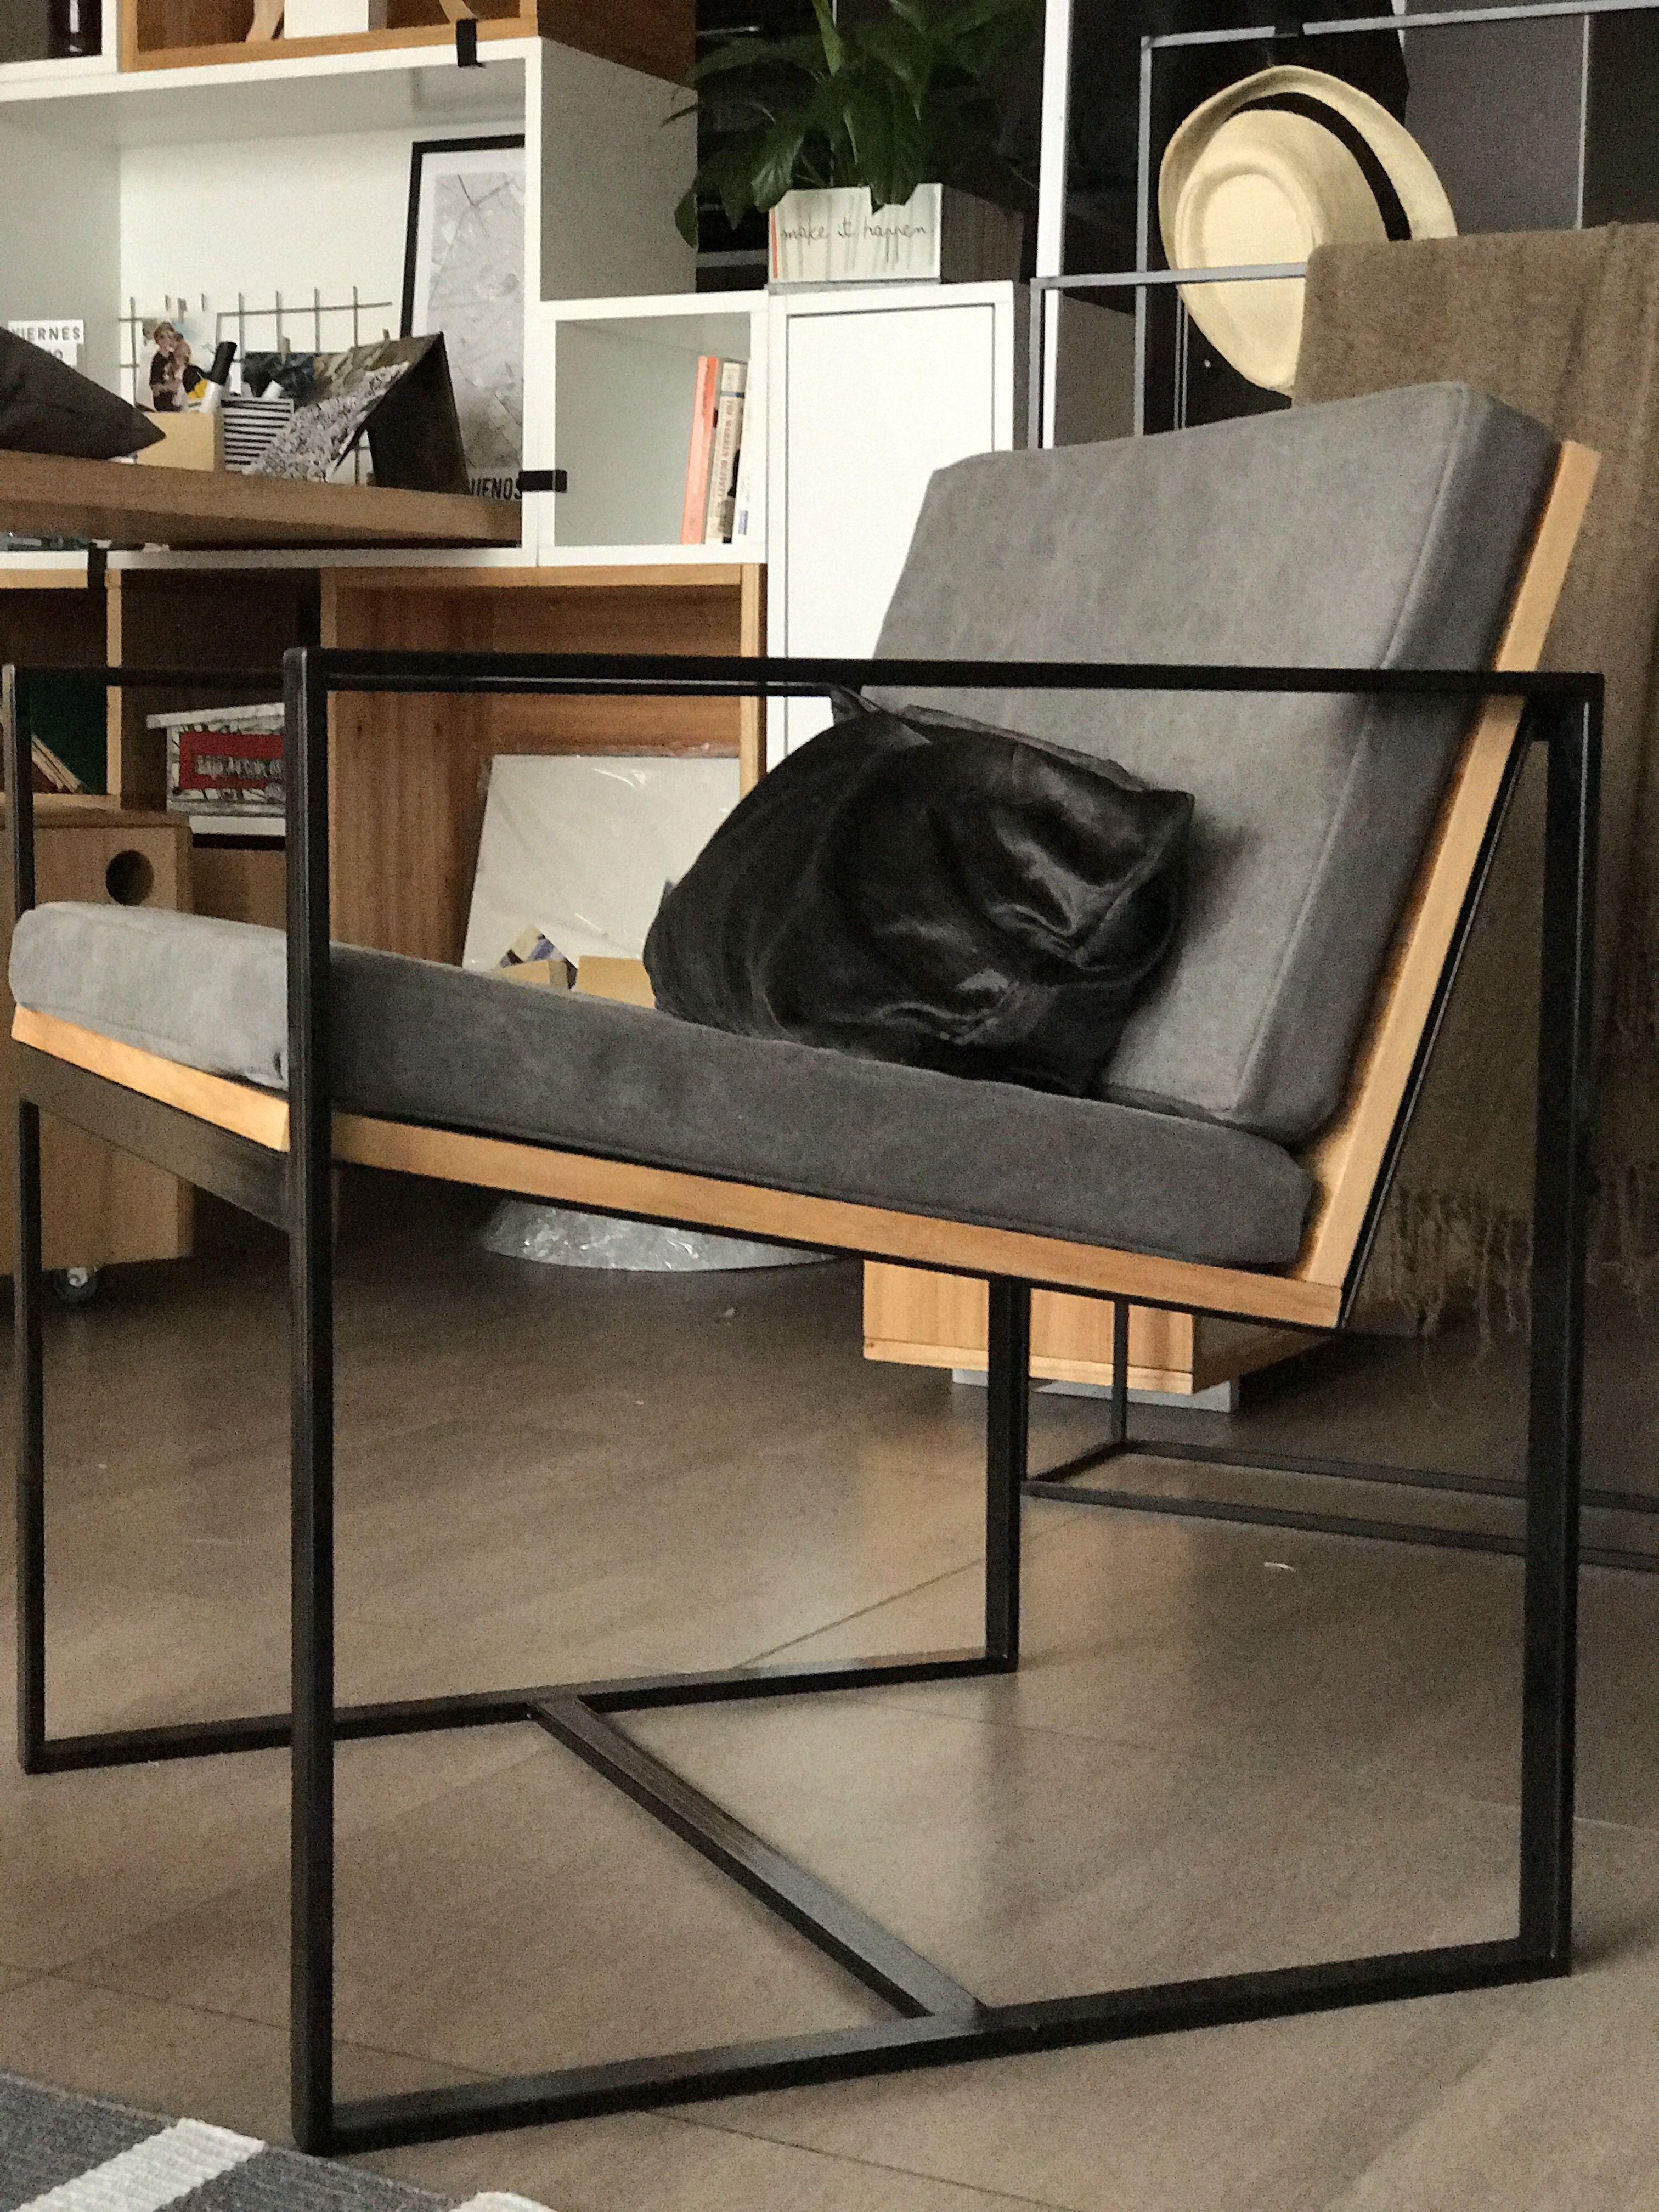 Sillon hierro y madera individual moderno minimalista for Muebles industriales metal baratos